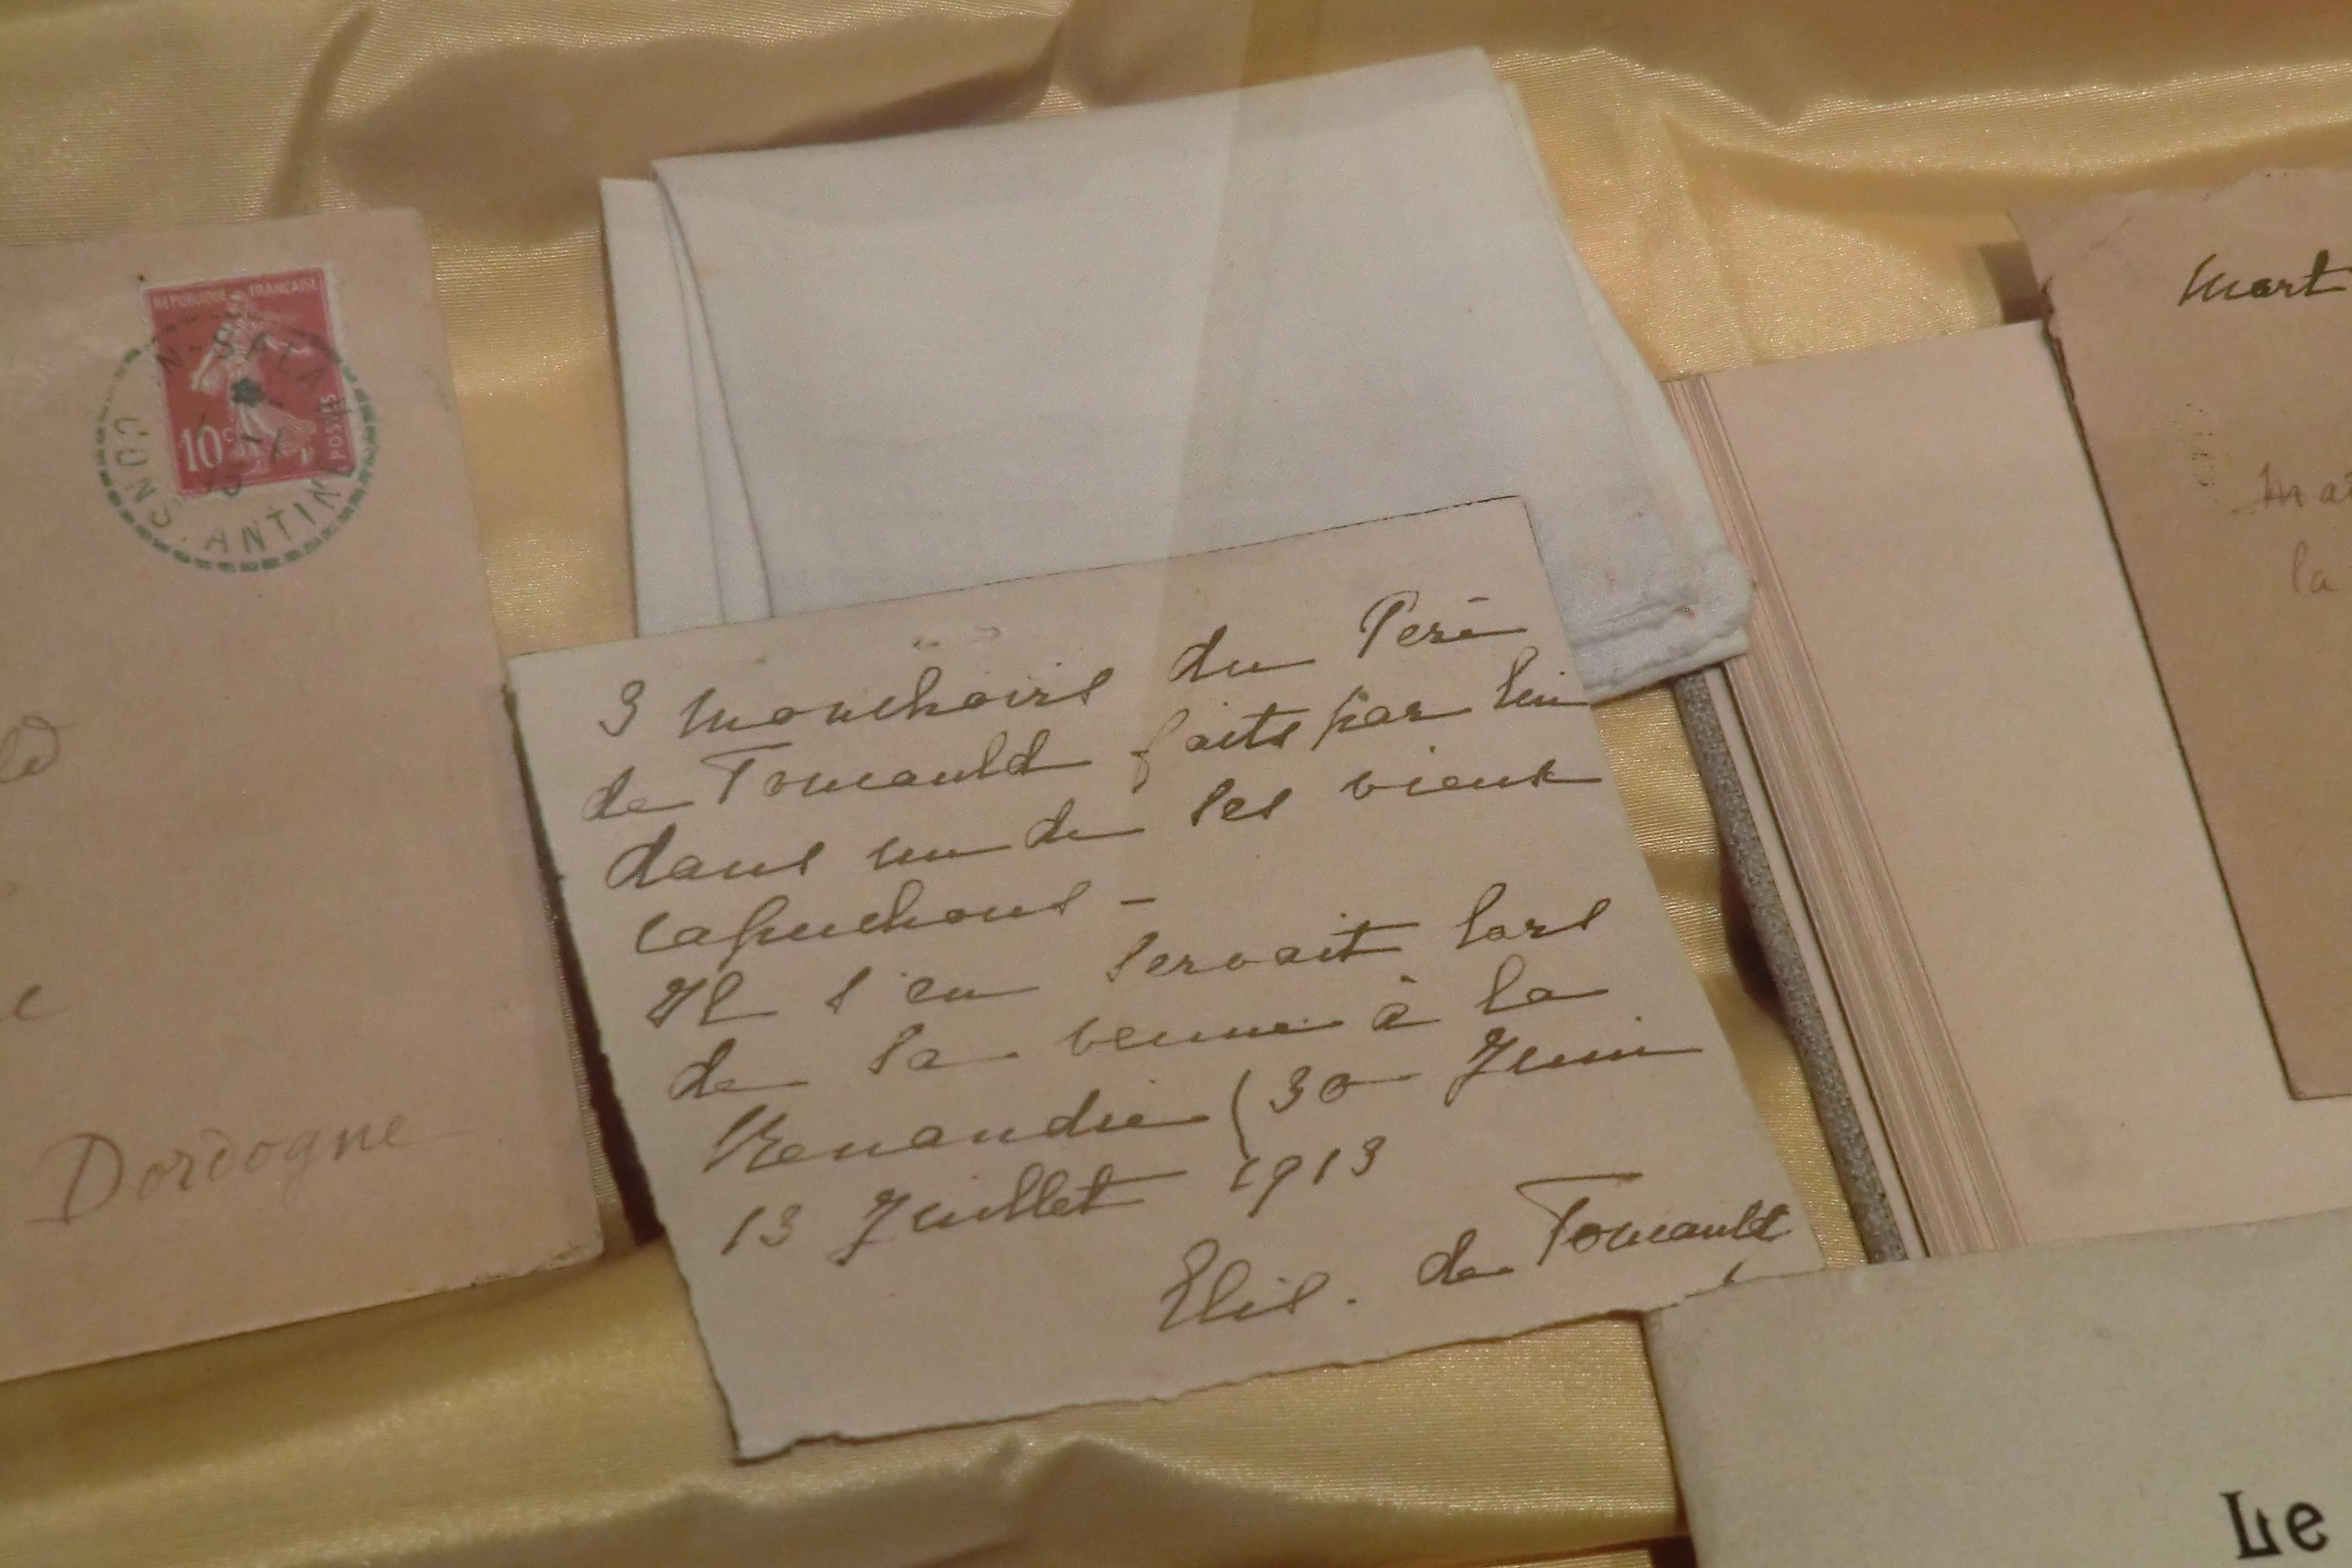 Mouchoirs du Père Charles de Foucauld, faits par lui